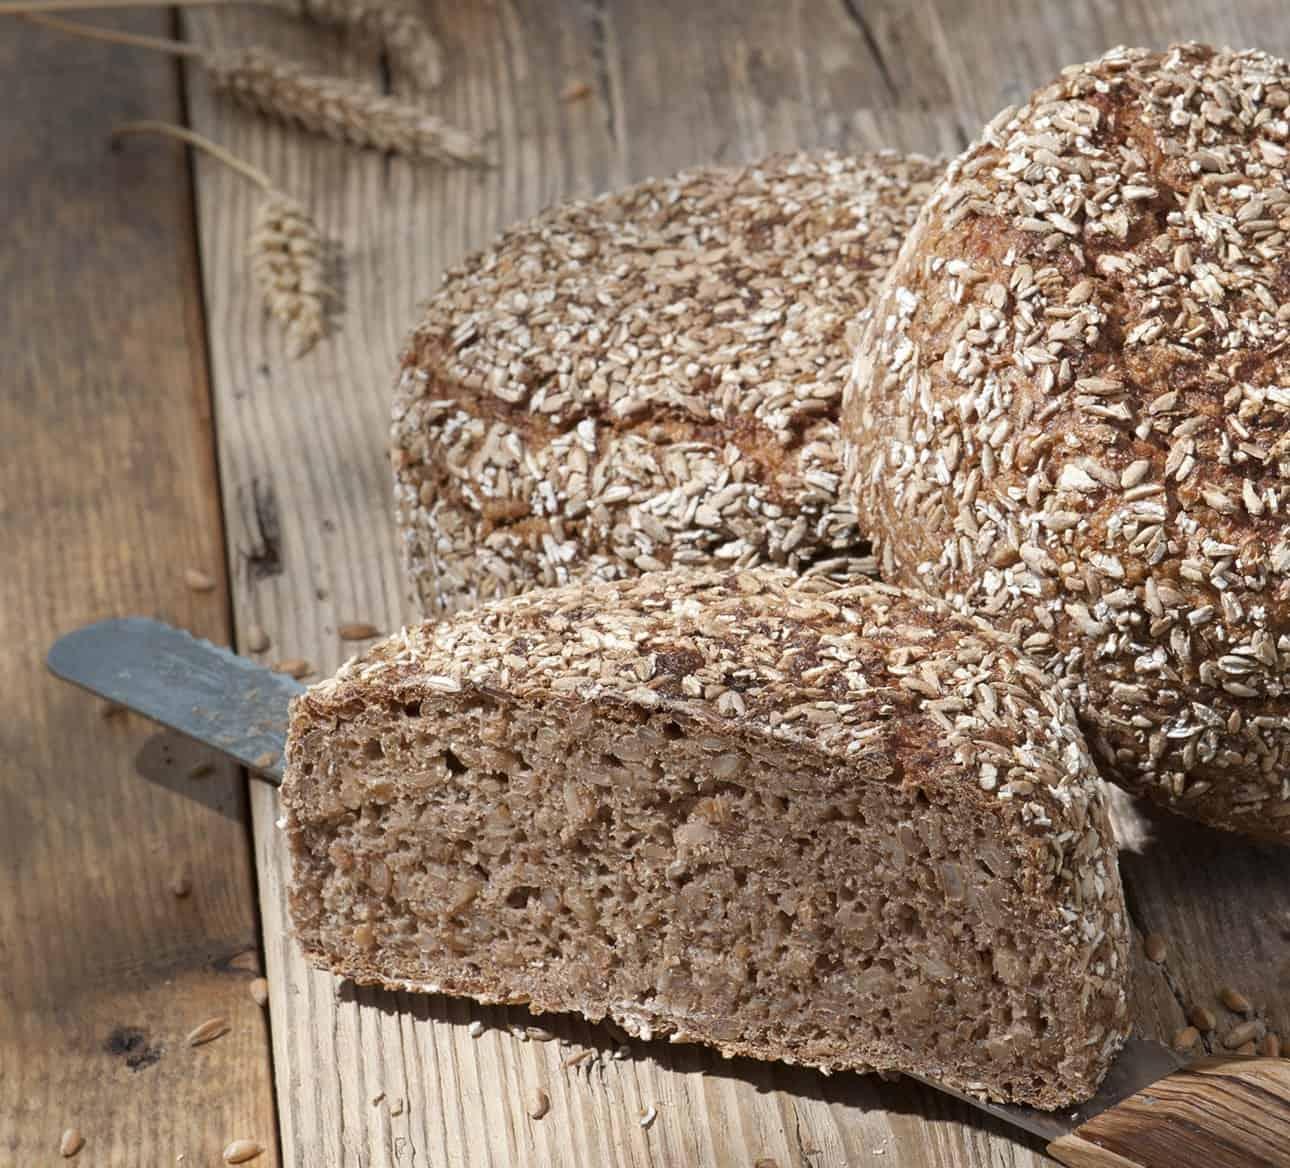 Zeit für gutes Brot - Online Shop für Biobrot